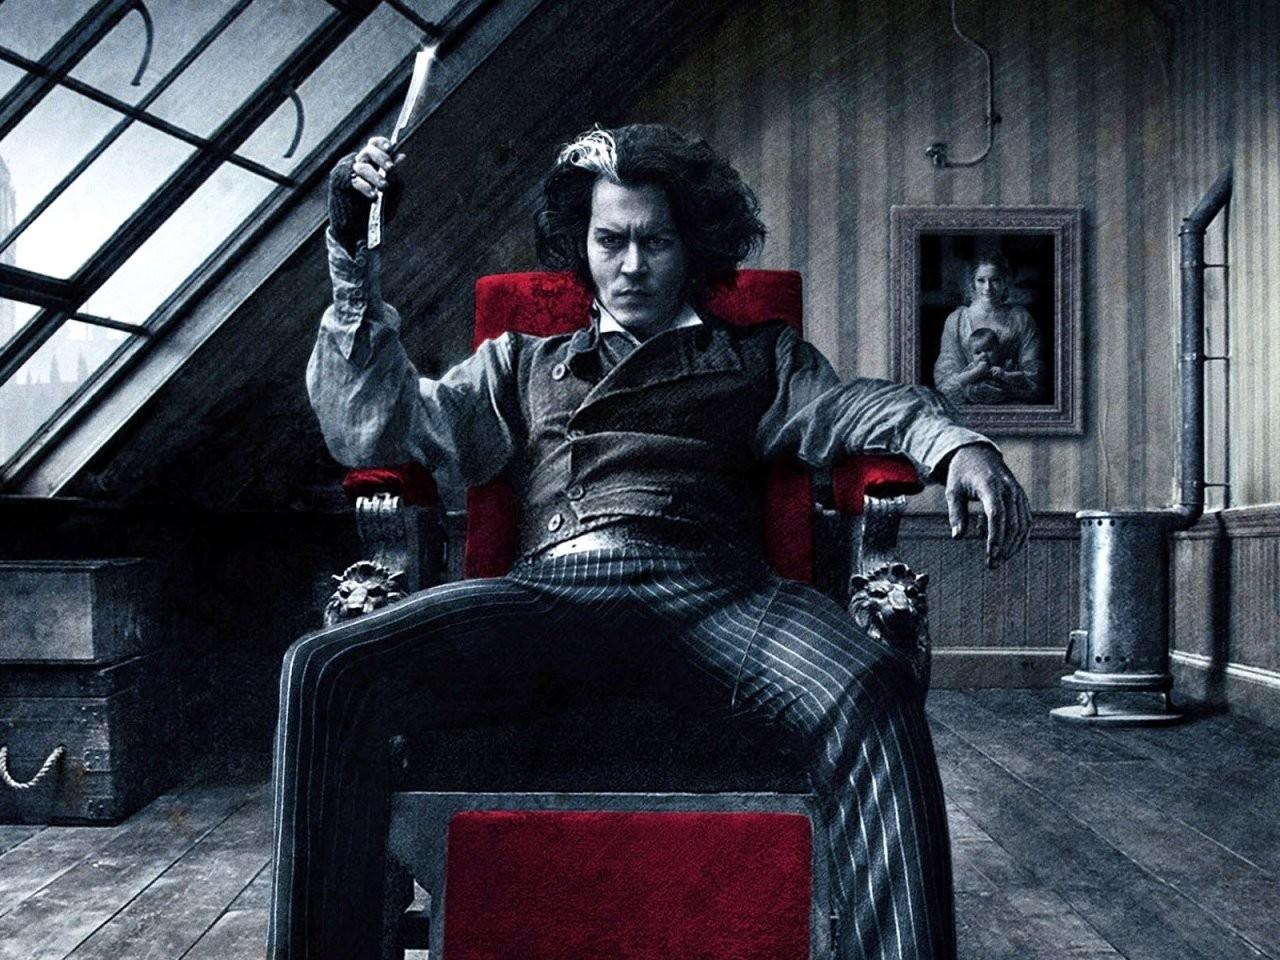 Fondos De Pantalla Películas Johnny Depp Sweeney Todd